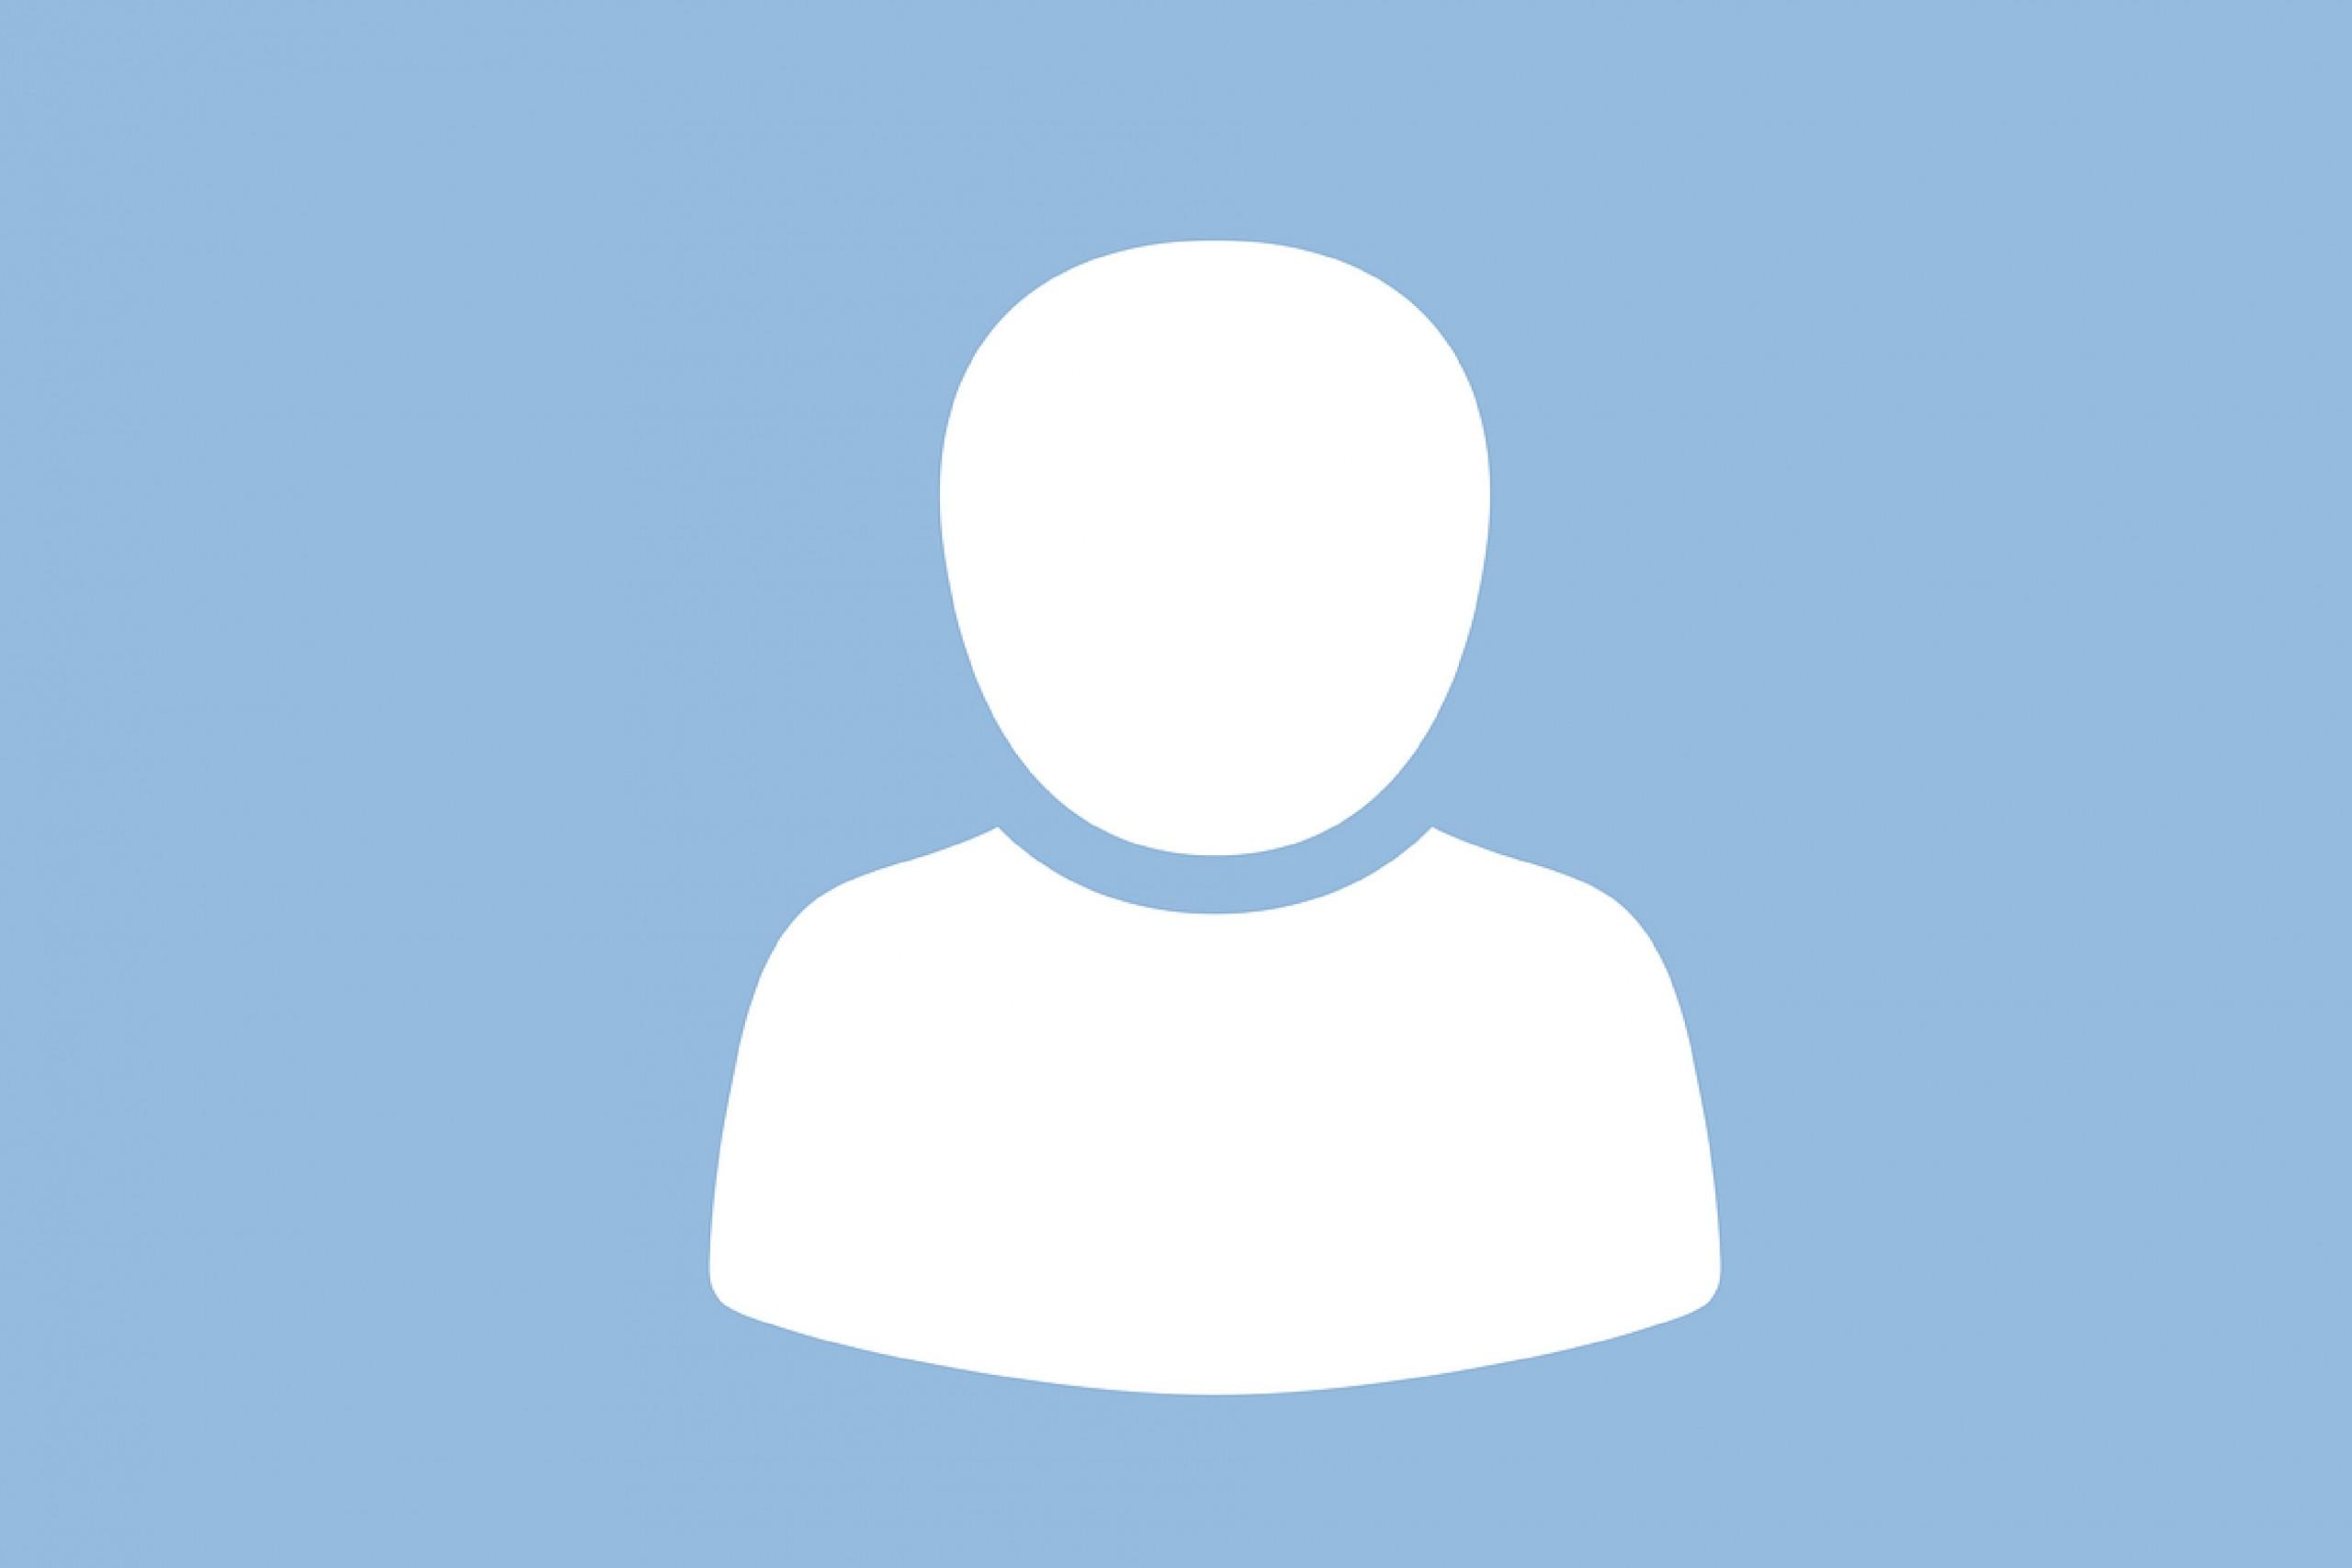 Alissa Schweda: Anwalt Mietrecht, Anwalt Strafrecht, Anwalt Familienrecht, Anwalt Arbeitsrecht, Anwalt Strassenverkehrsrecht, Anwalt Eheschutz, Anwalt Migrationsrecht, Anwalt Vertragsrecht